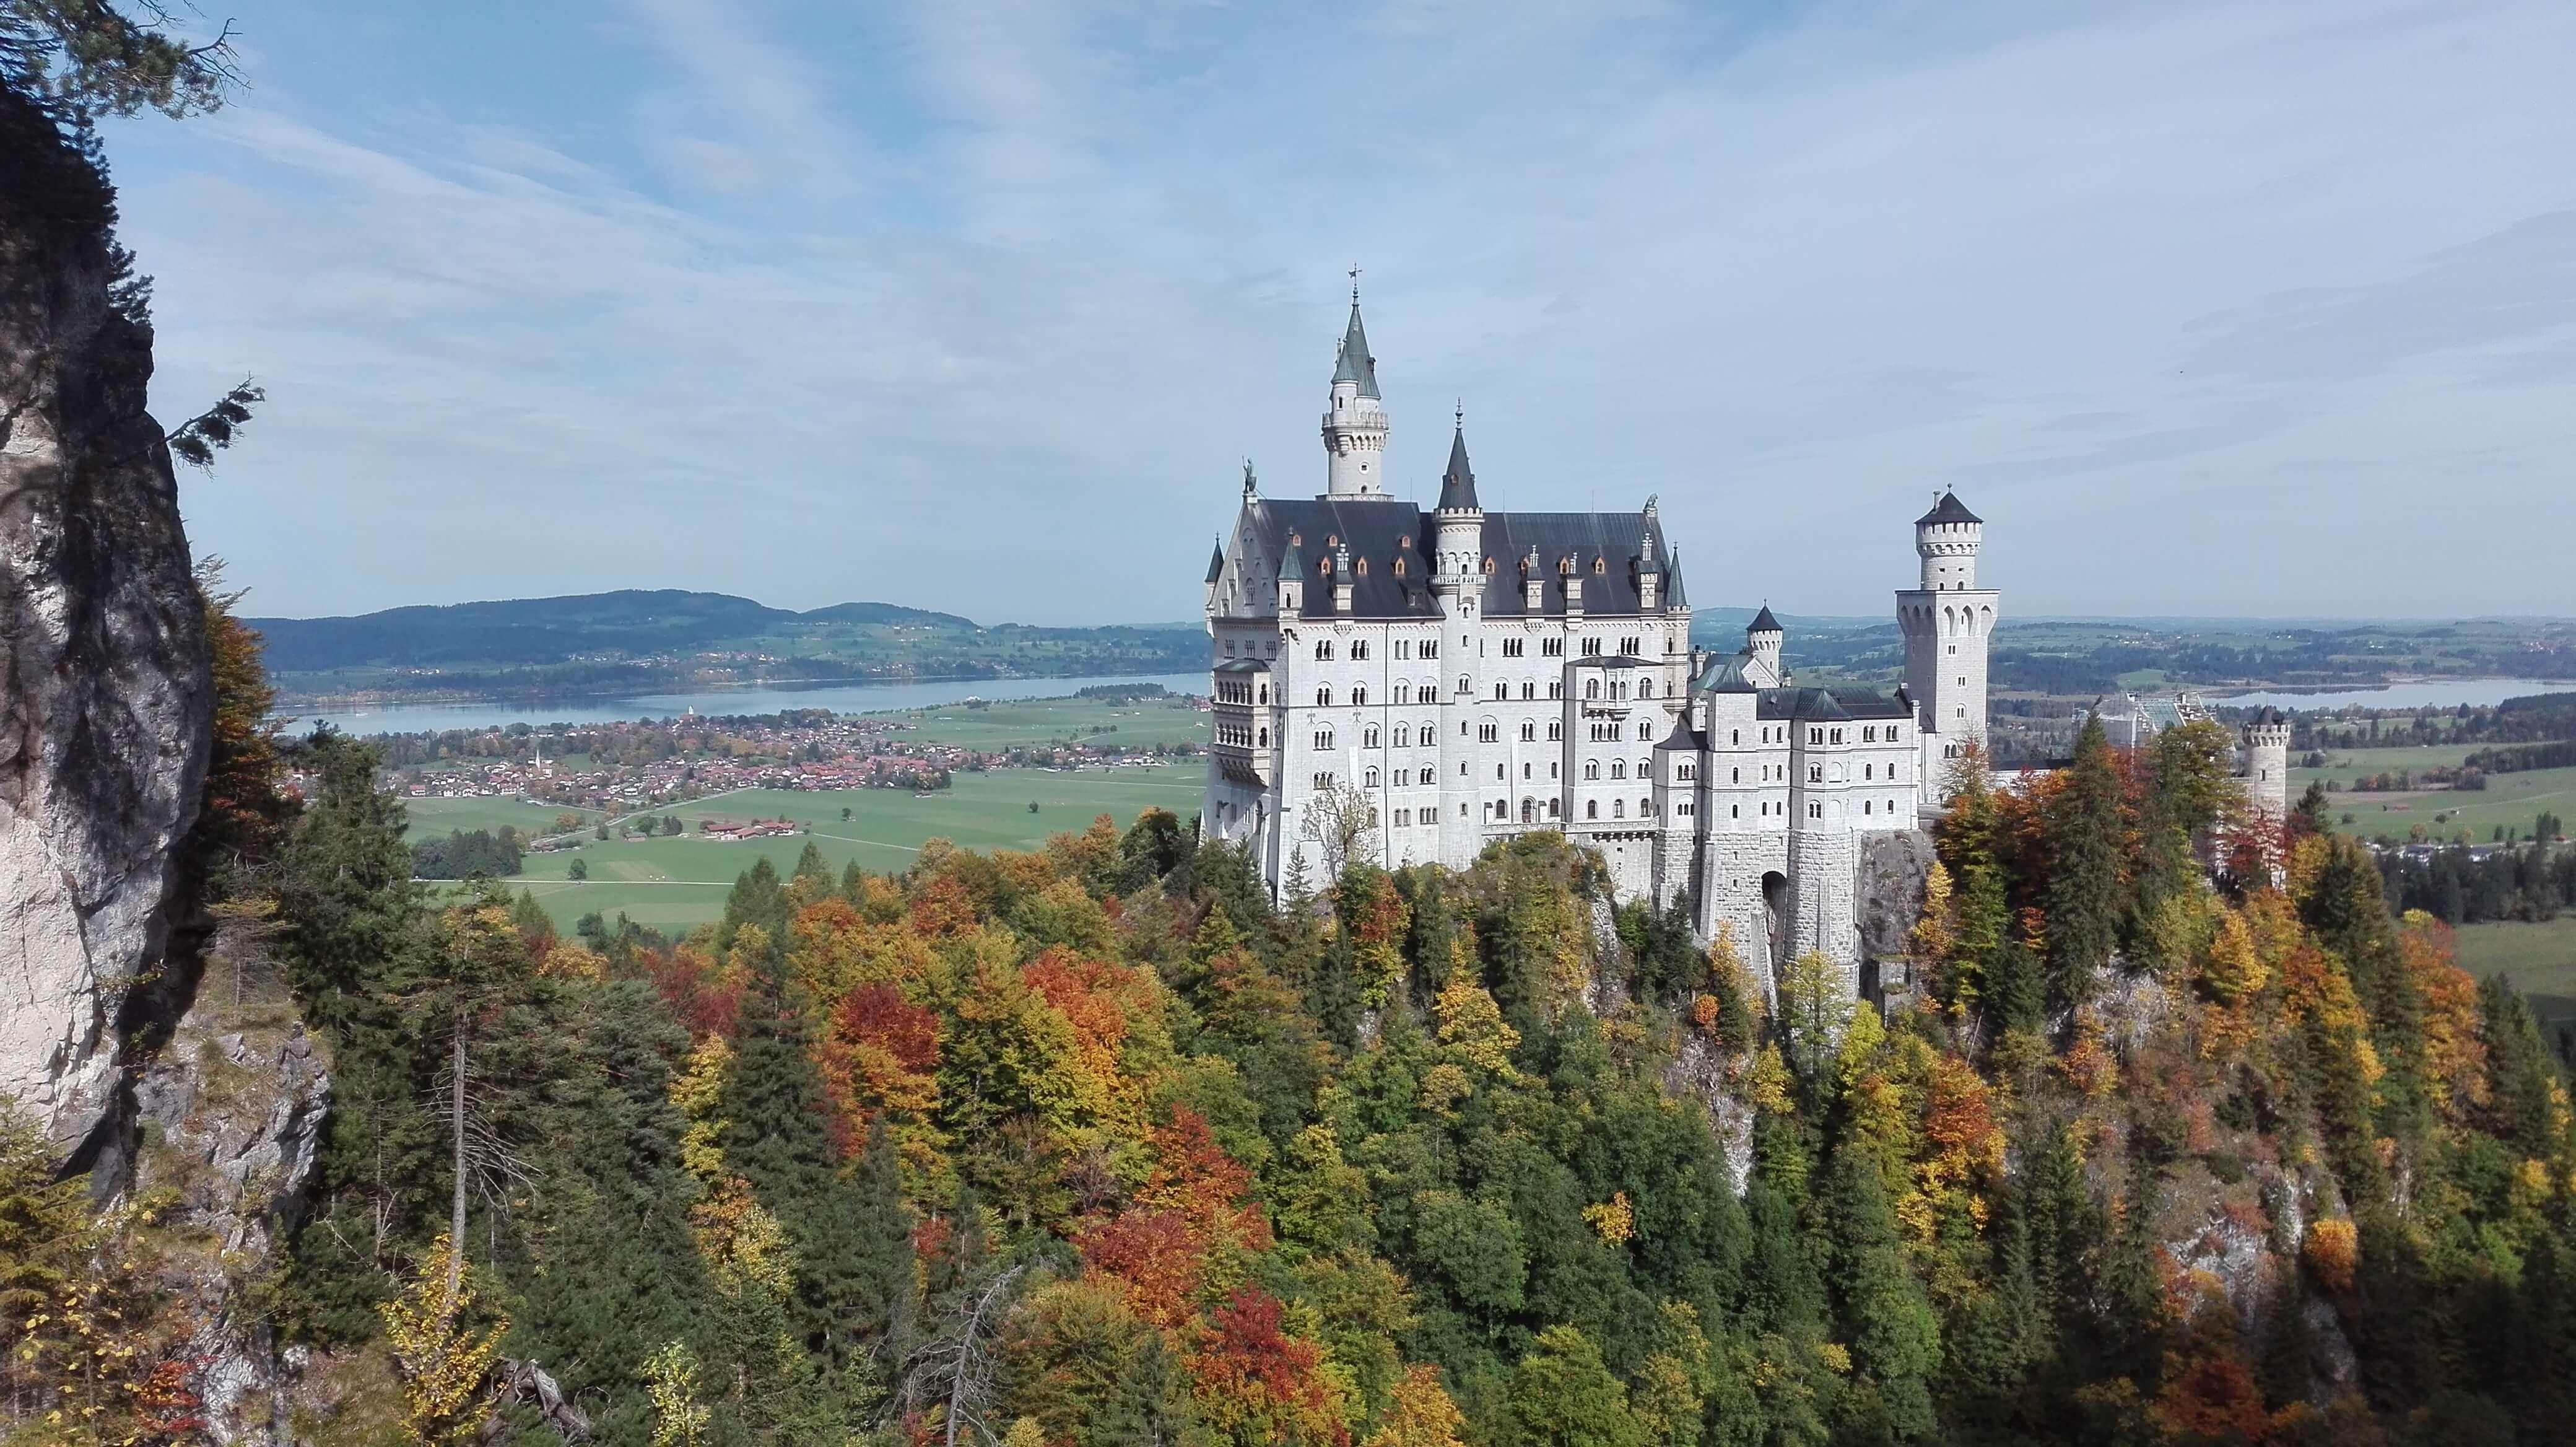 Wunderschones Ostallgau Der Alpsee Und Schloss Neuschwanstein In 2020 Schloss Neuschwanstein Monument Valley Neuschwanstein